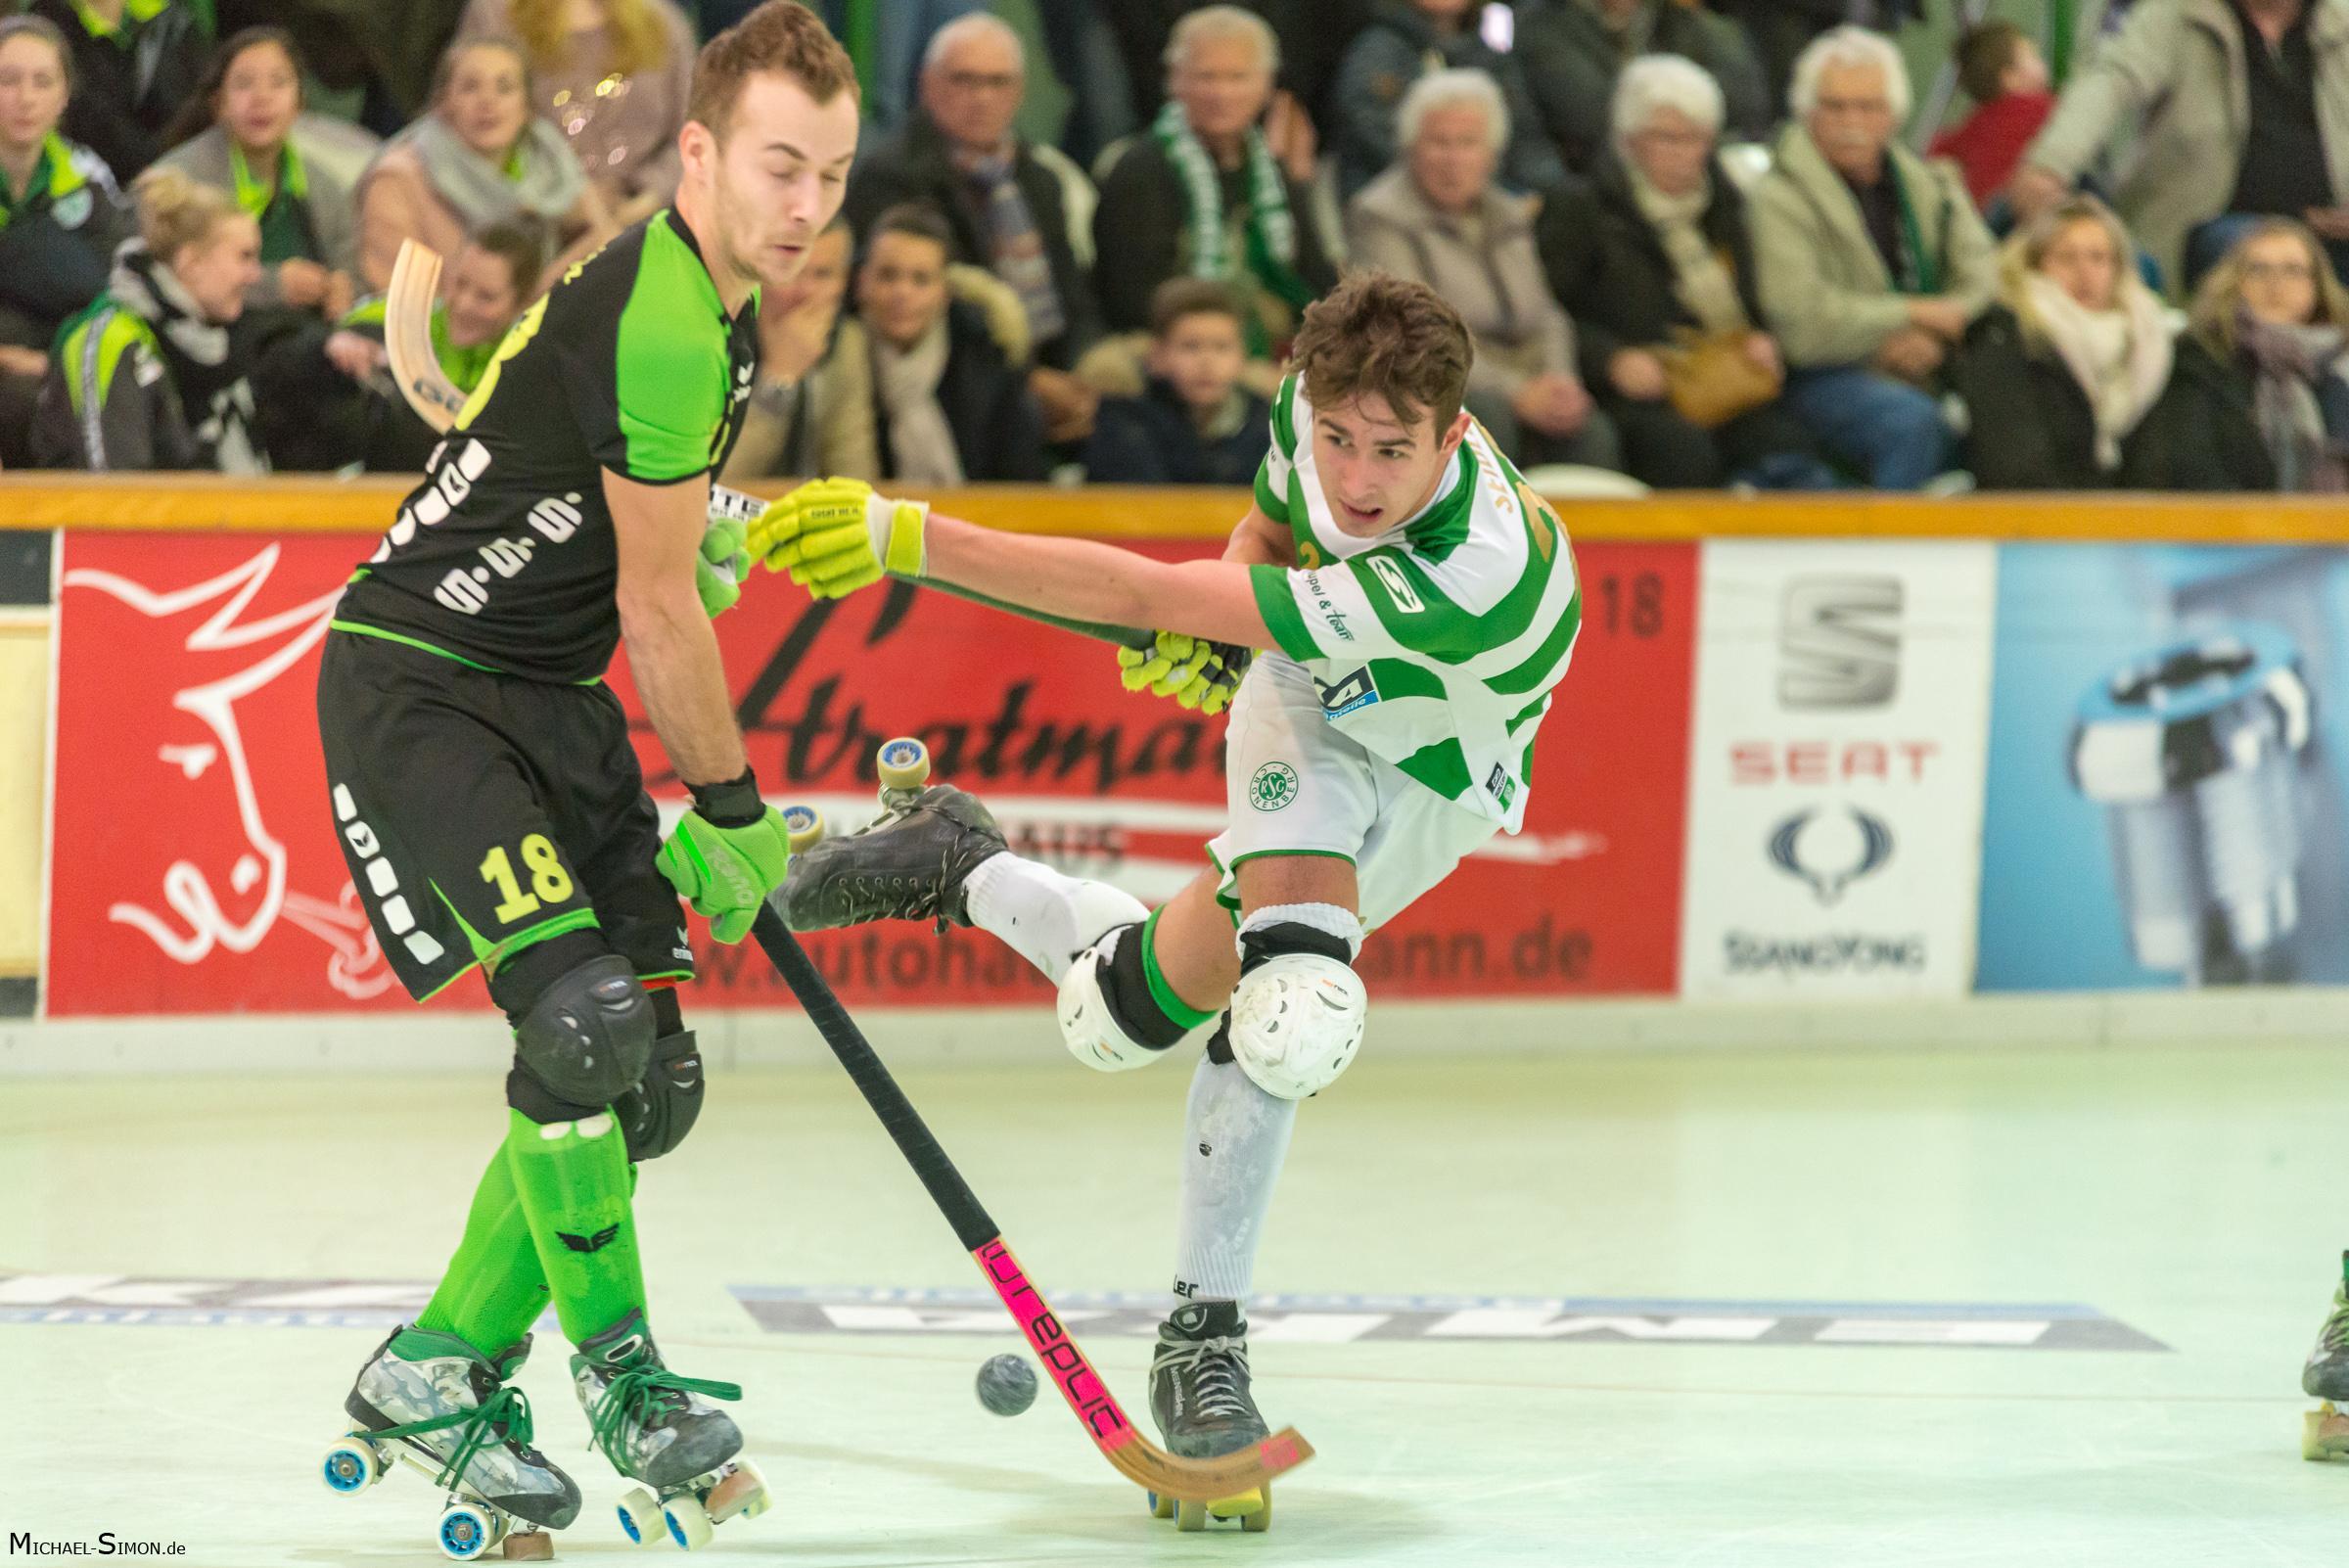 RSC Cronenberg Rollhockey Bundesliga Herren Spieltag 17.03.2018